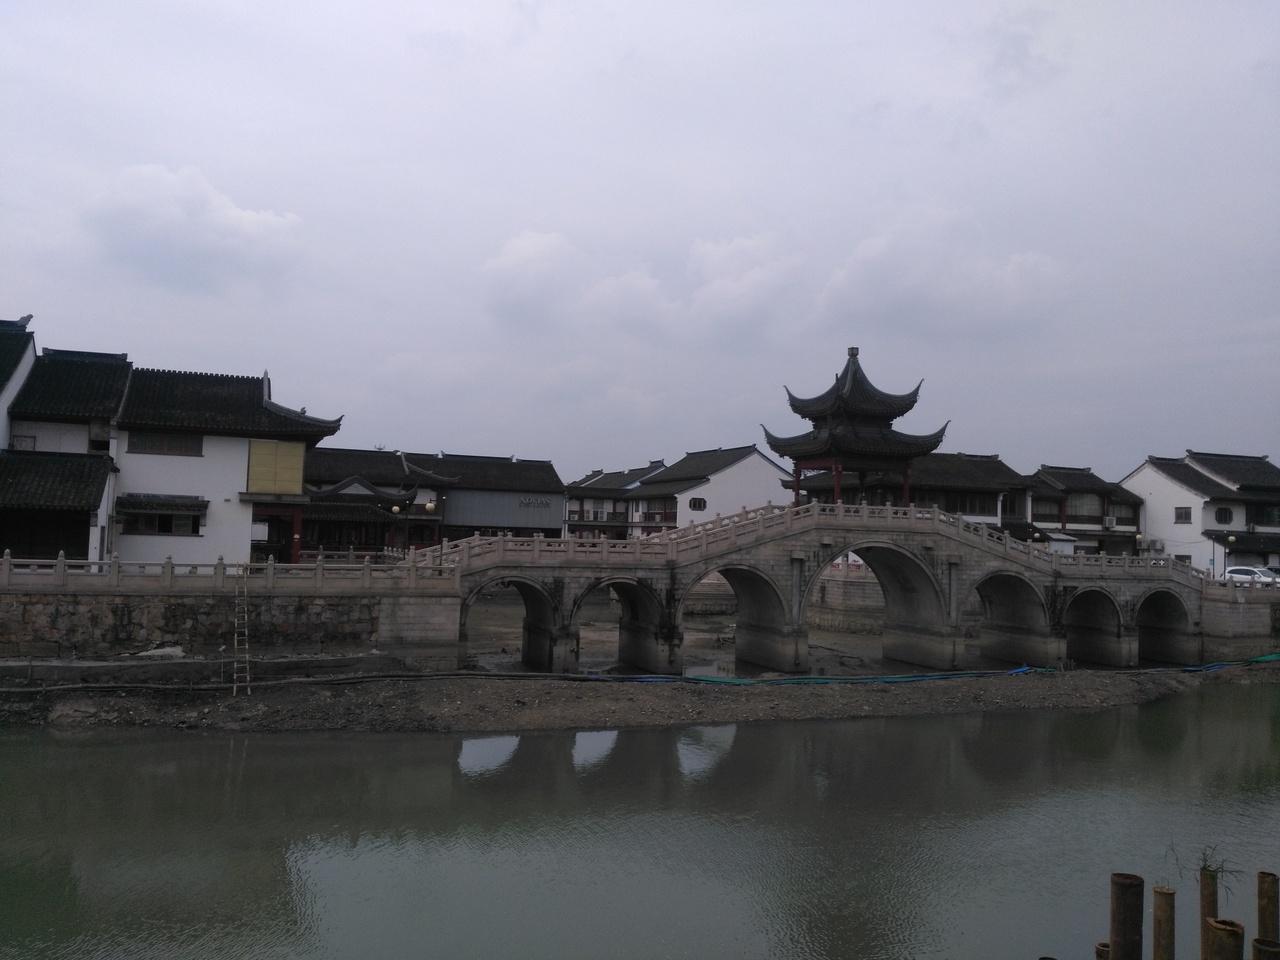 京杭大運河の画像 p1_14